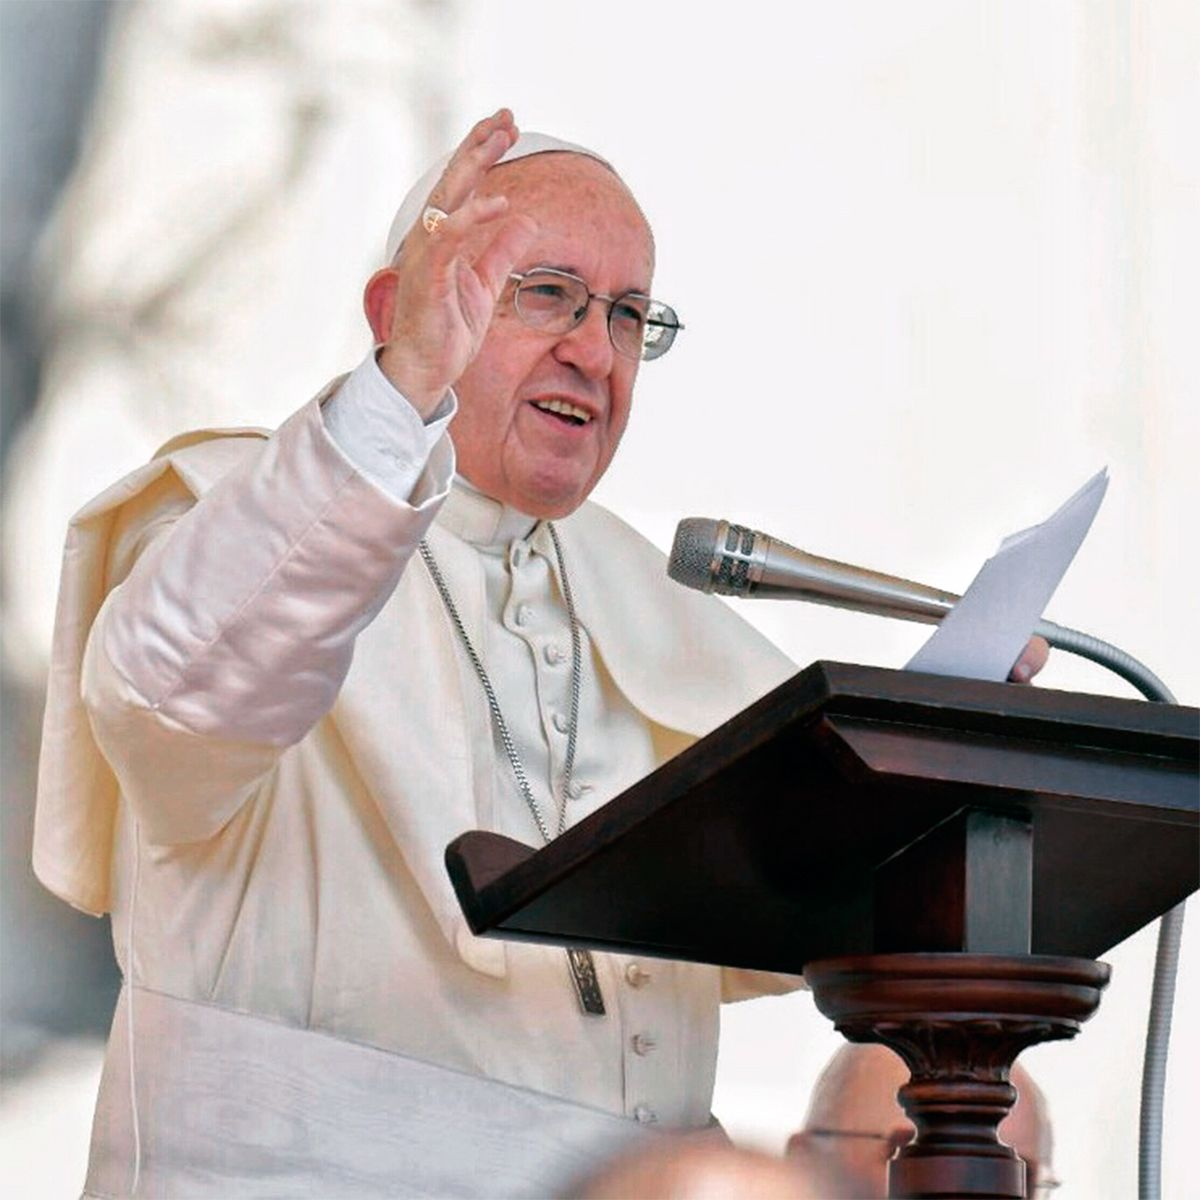 El Papa aceptó la renuncia de un cardenal acusado de encubrir abuso pero lo mantiene en su cargo